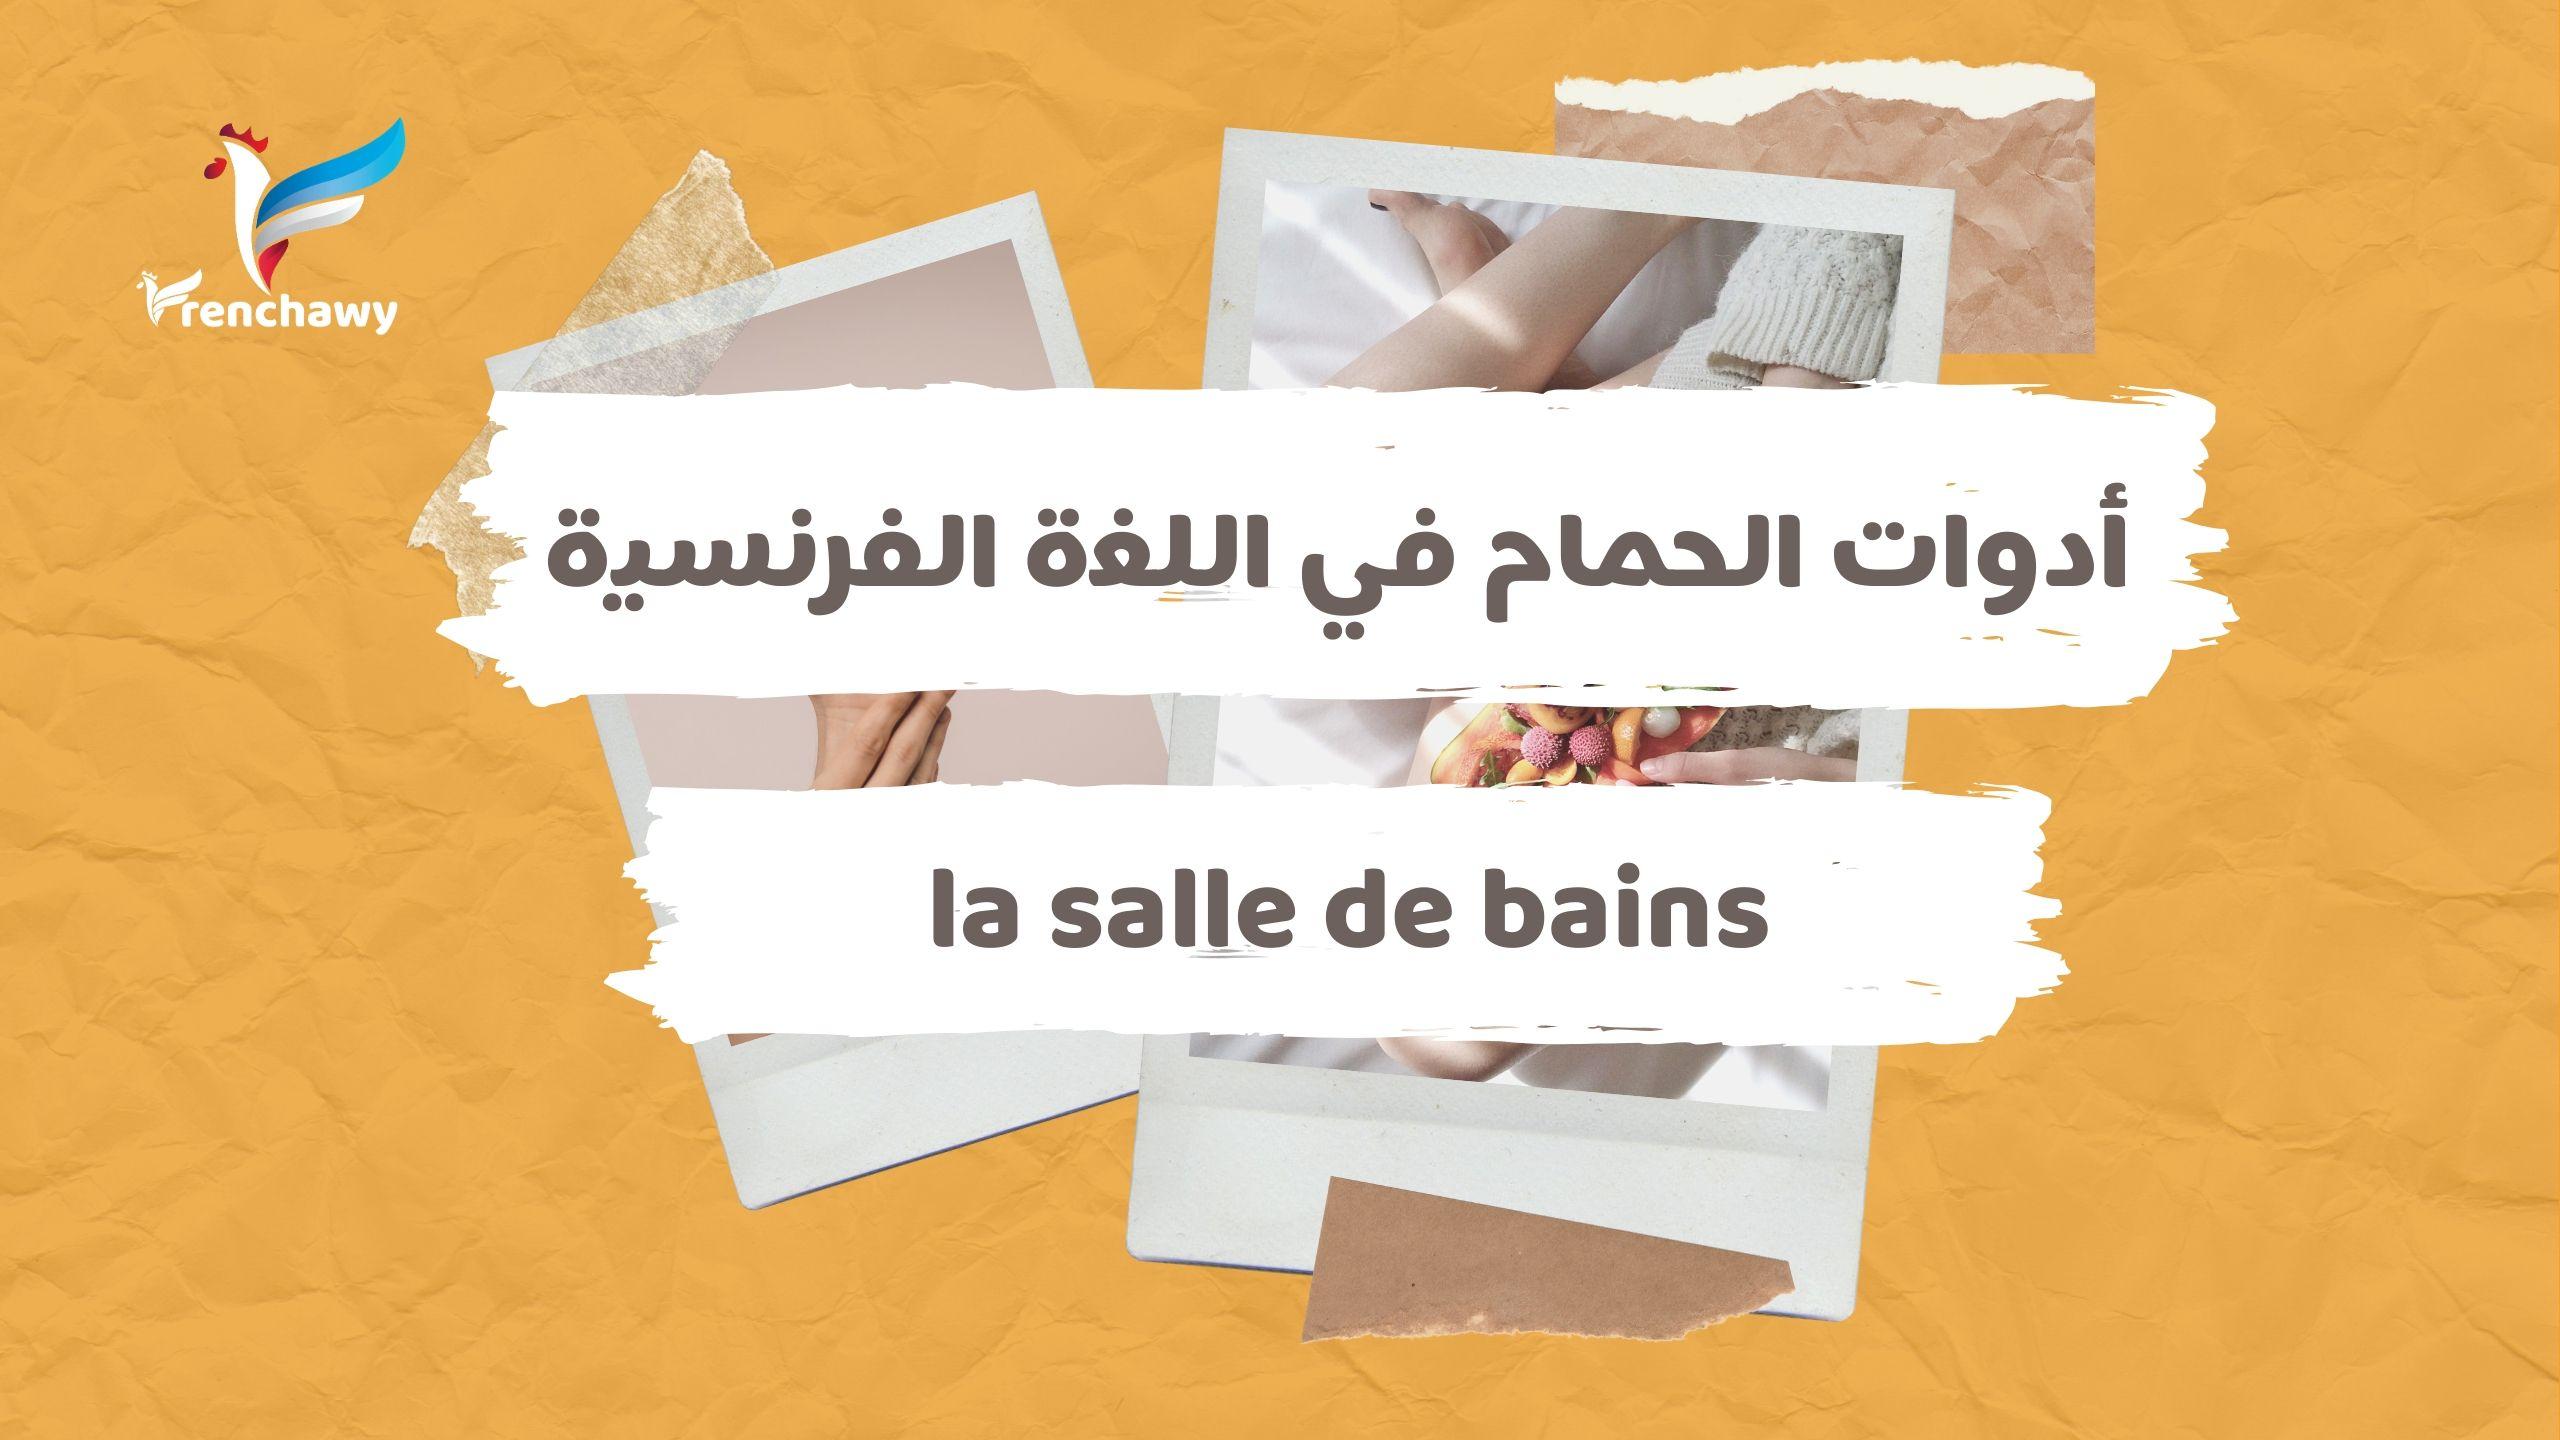 أدوات الحمام في اللغة الفرنسية